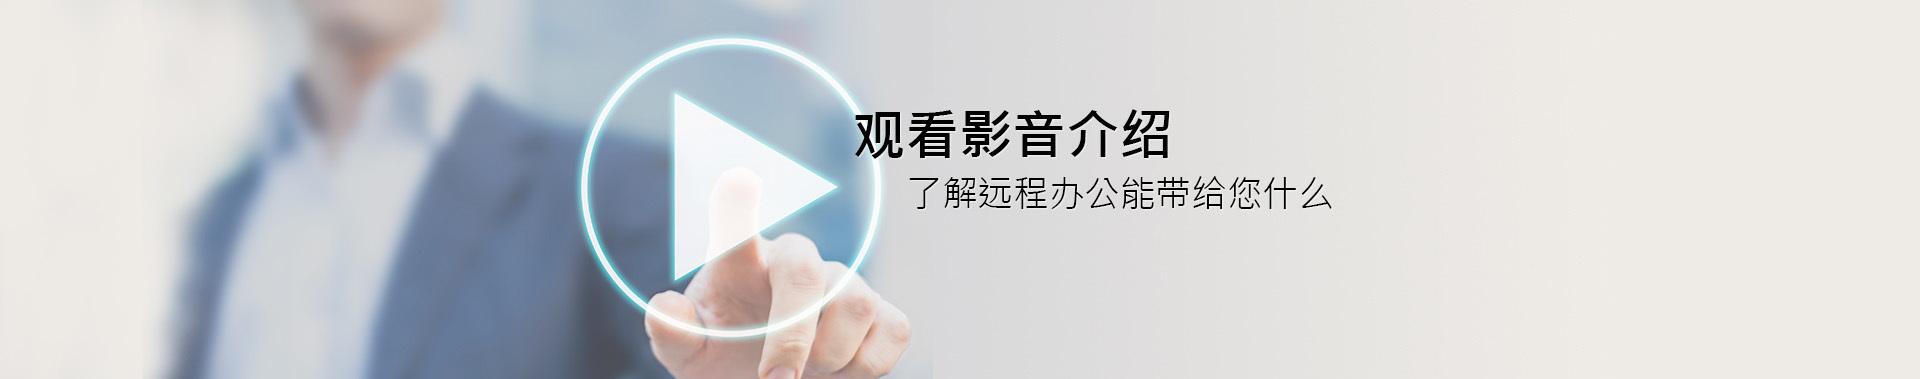 观看影音介绍 了解Telework能带给您什么